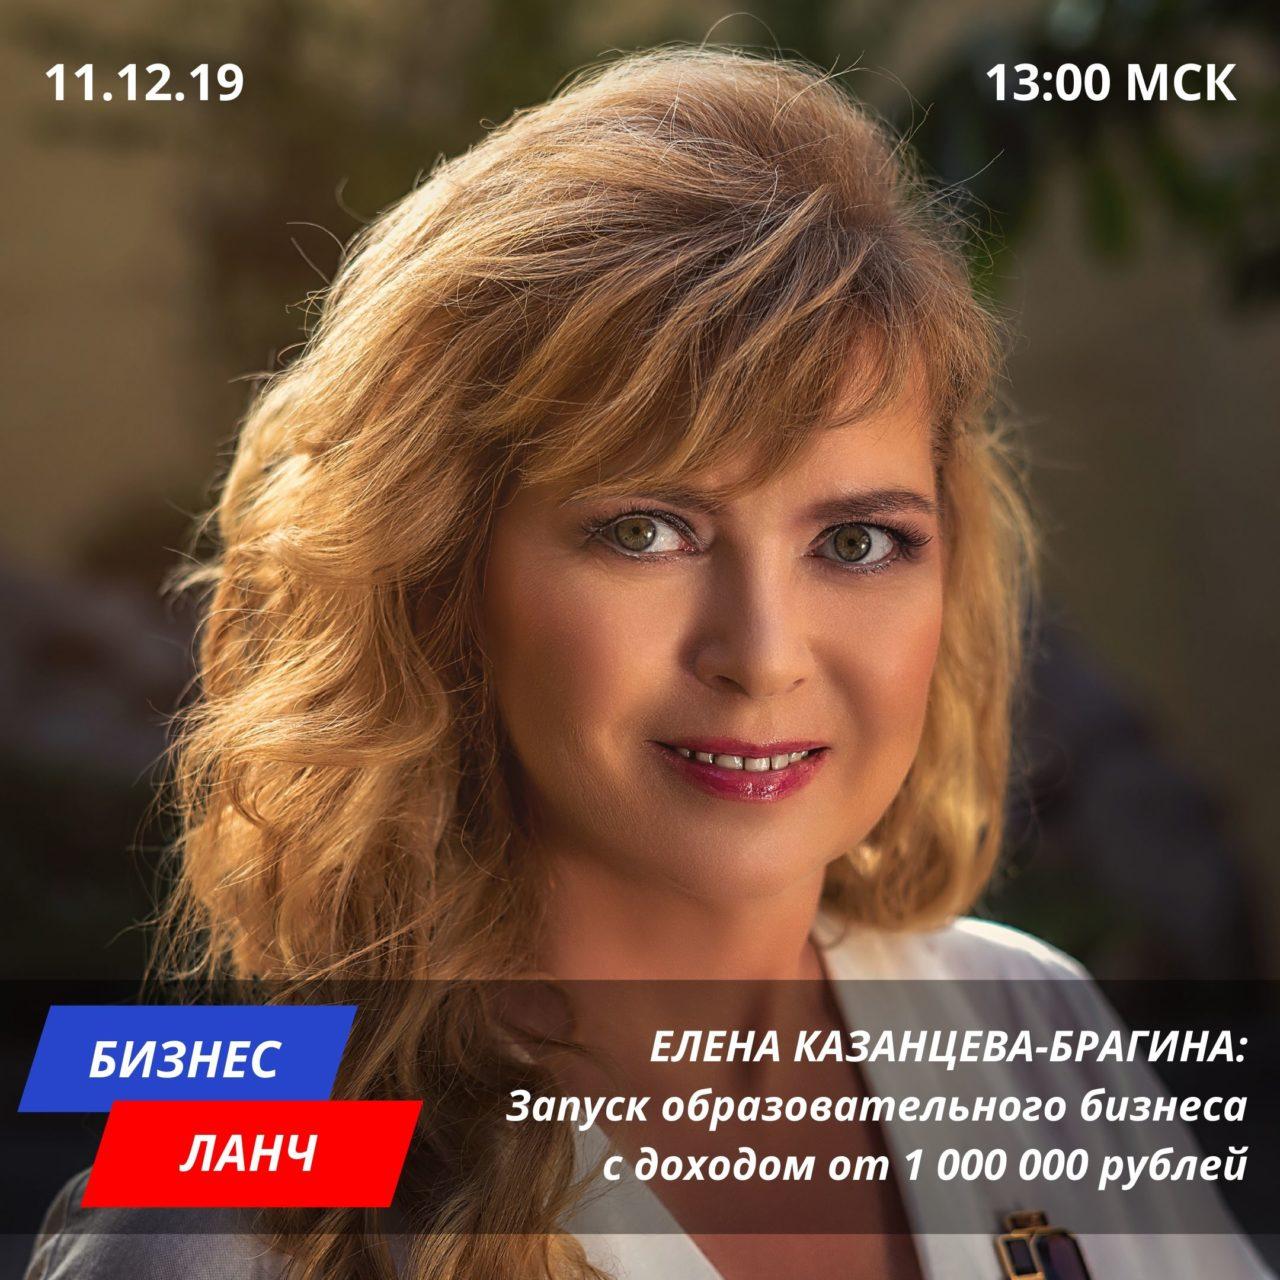 Елена Казанцева-Брагина